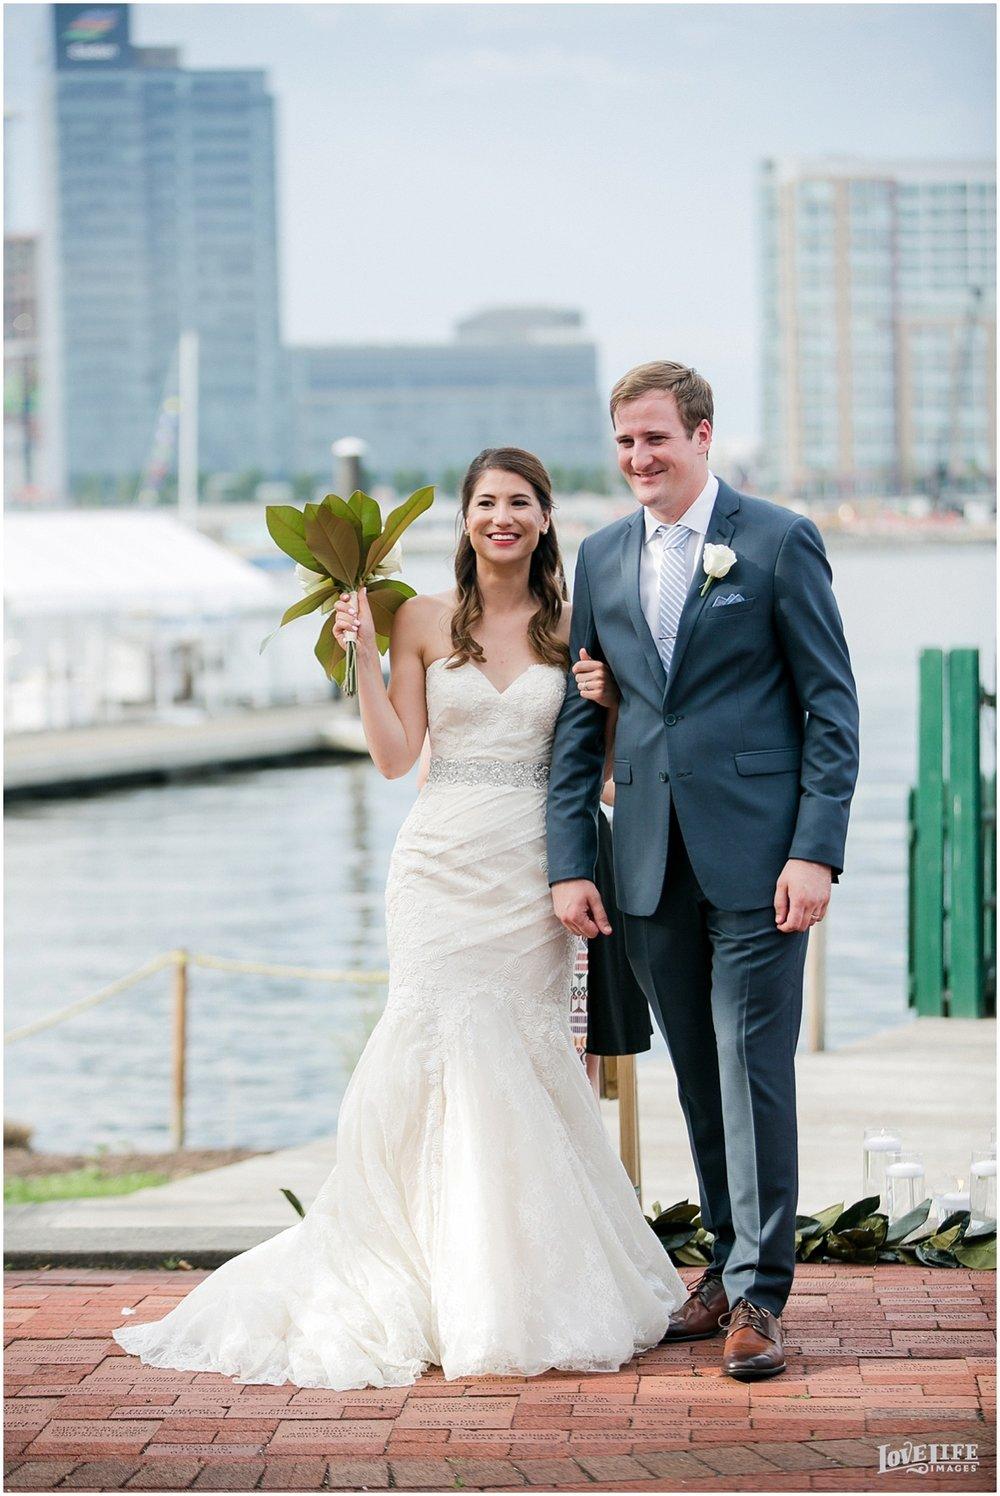 Baltimore Museum of Industry Wedding outdoor ceremony.jpg